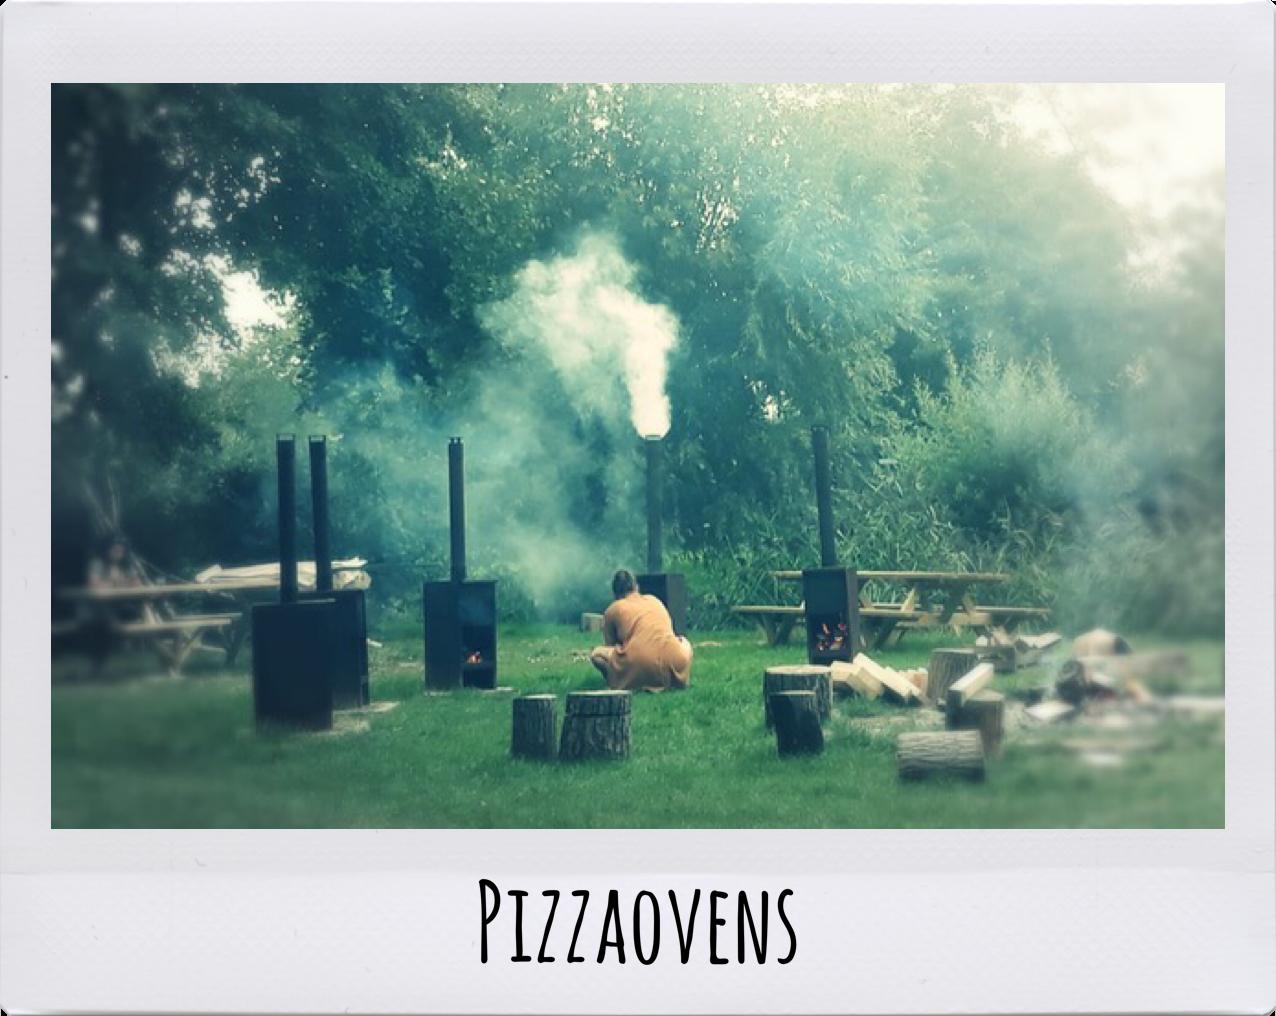 pizzaovens dijk en meer